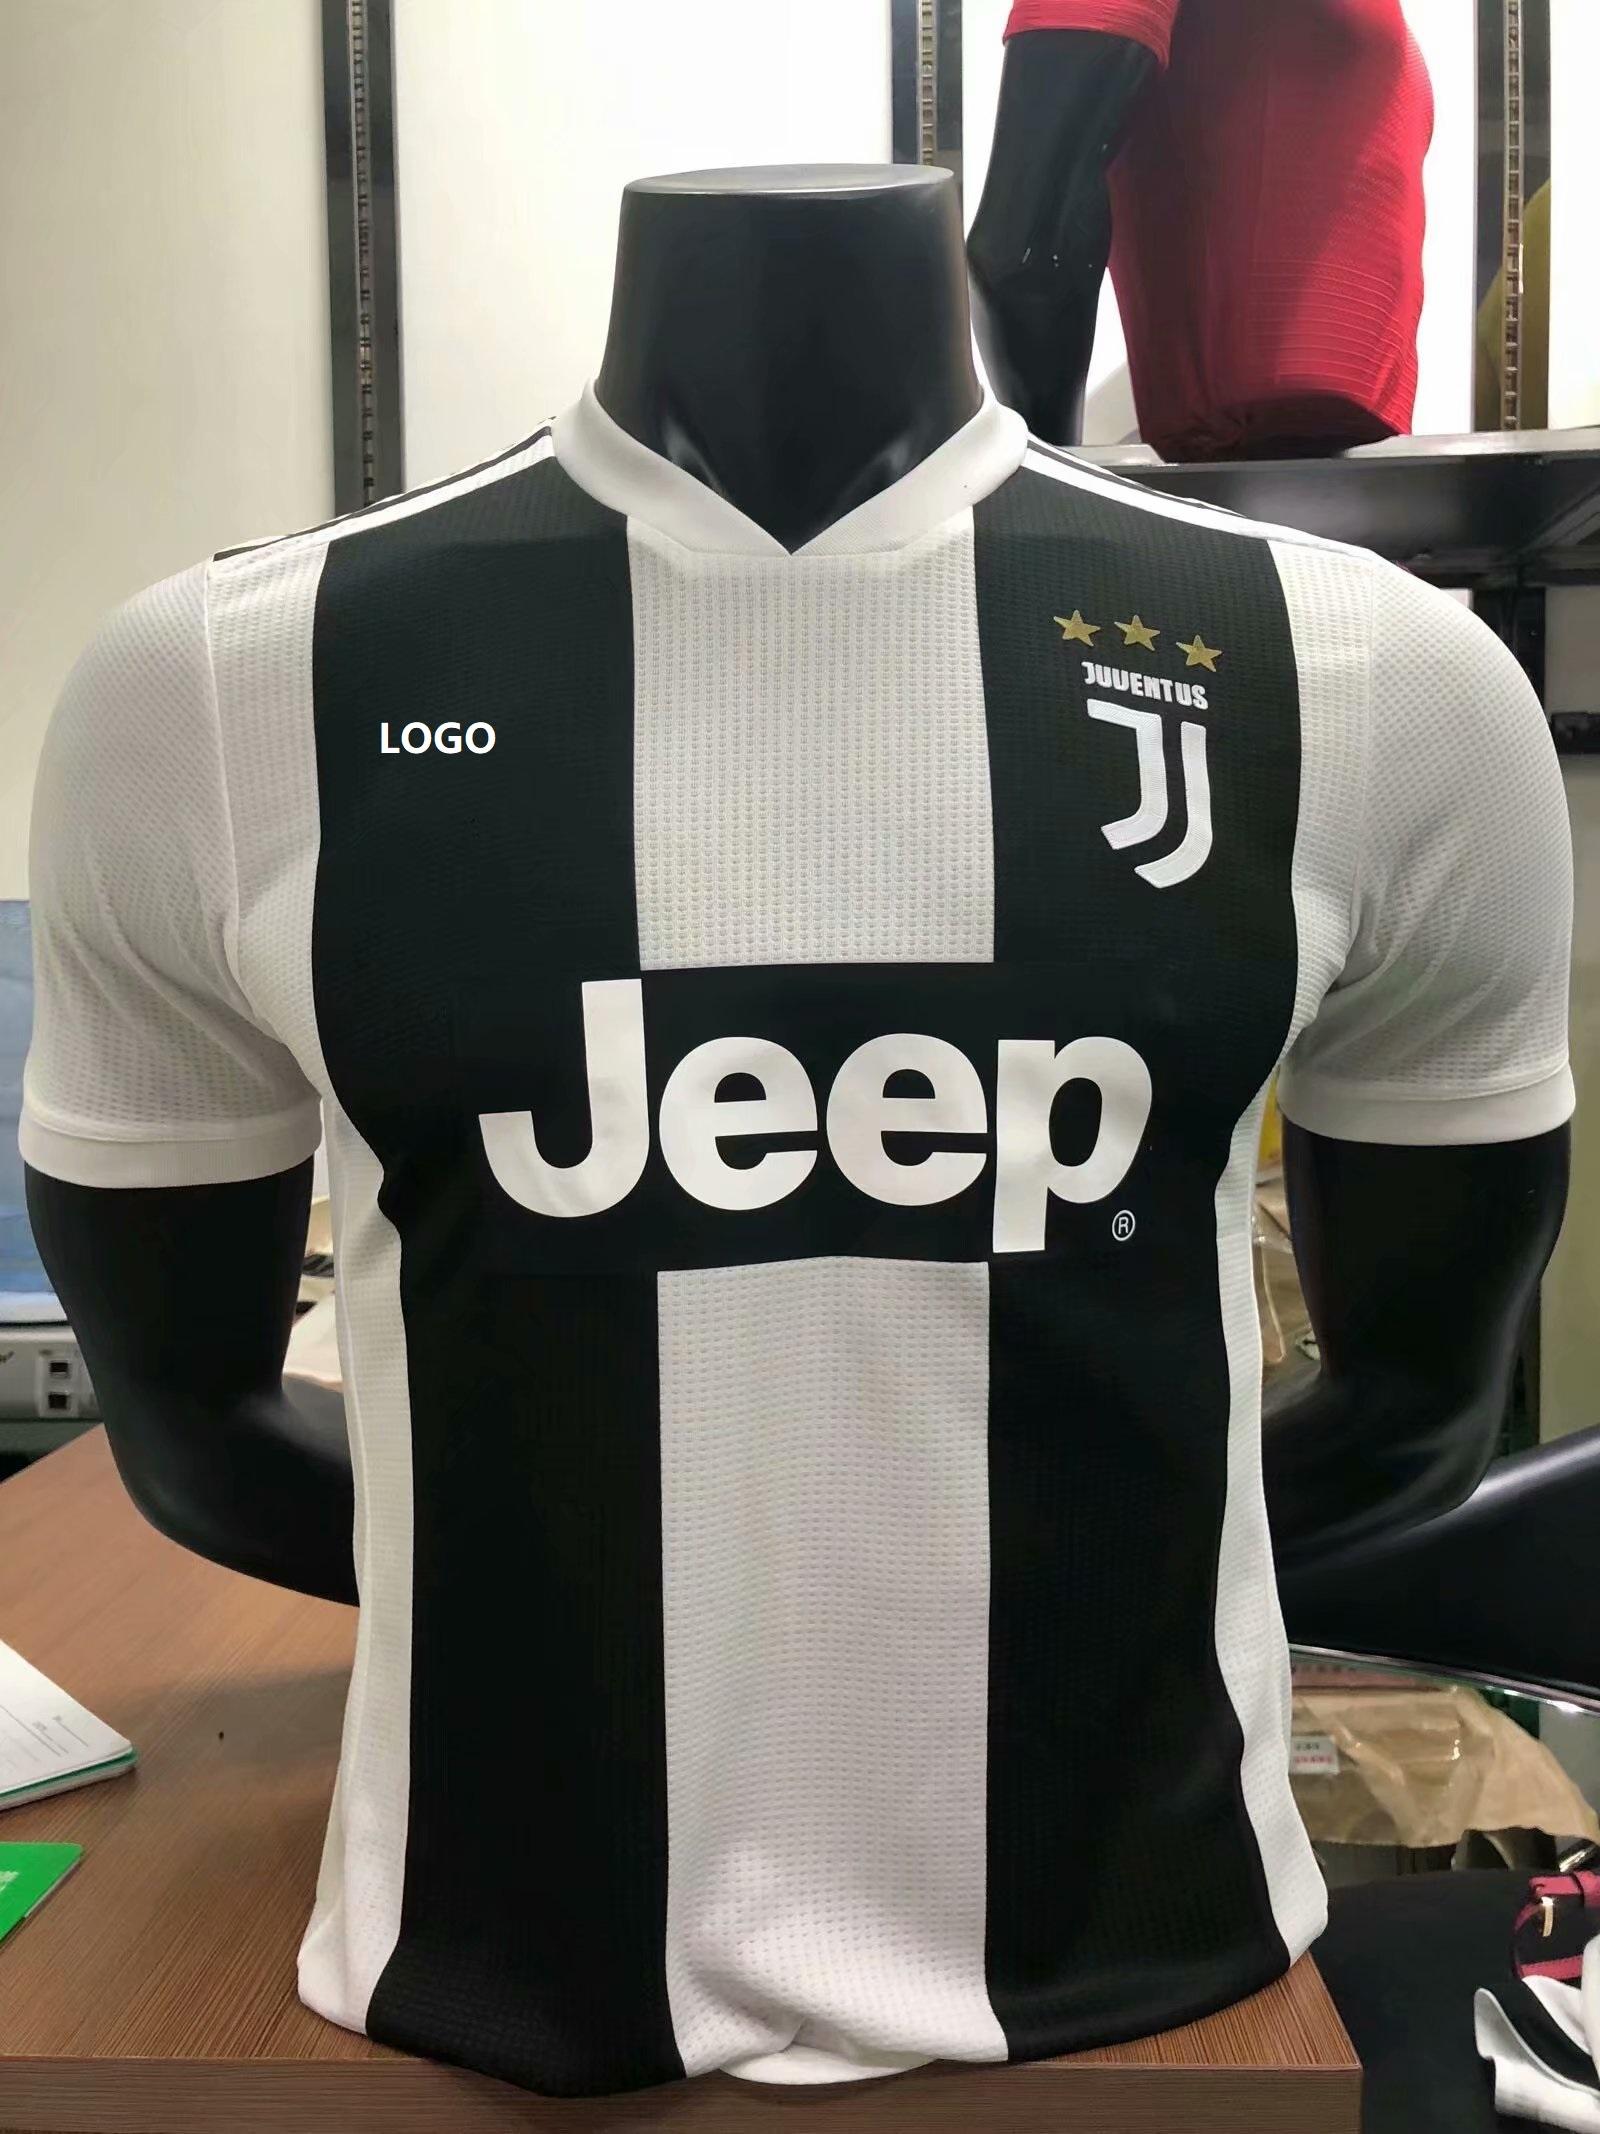 93de462158f 18/19 Men Juventus Home Player Version Soccer Jersey Football Shirt